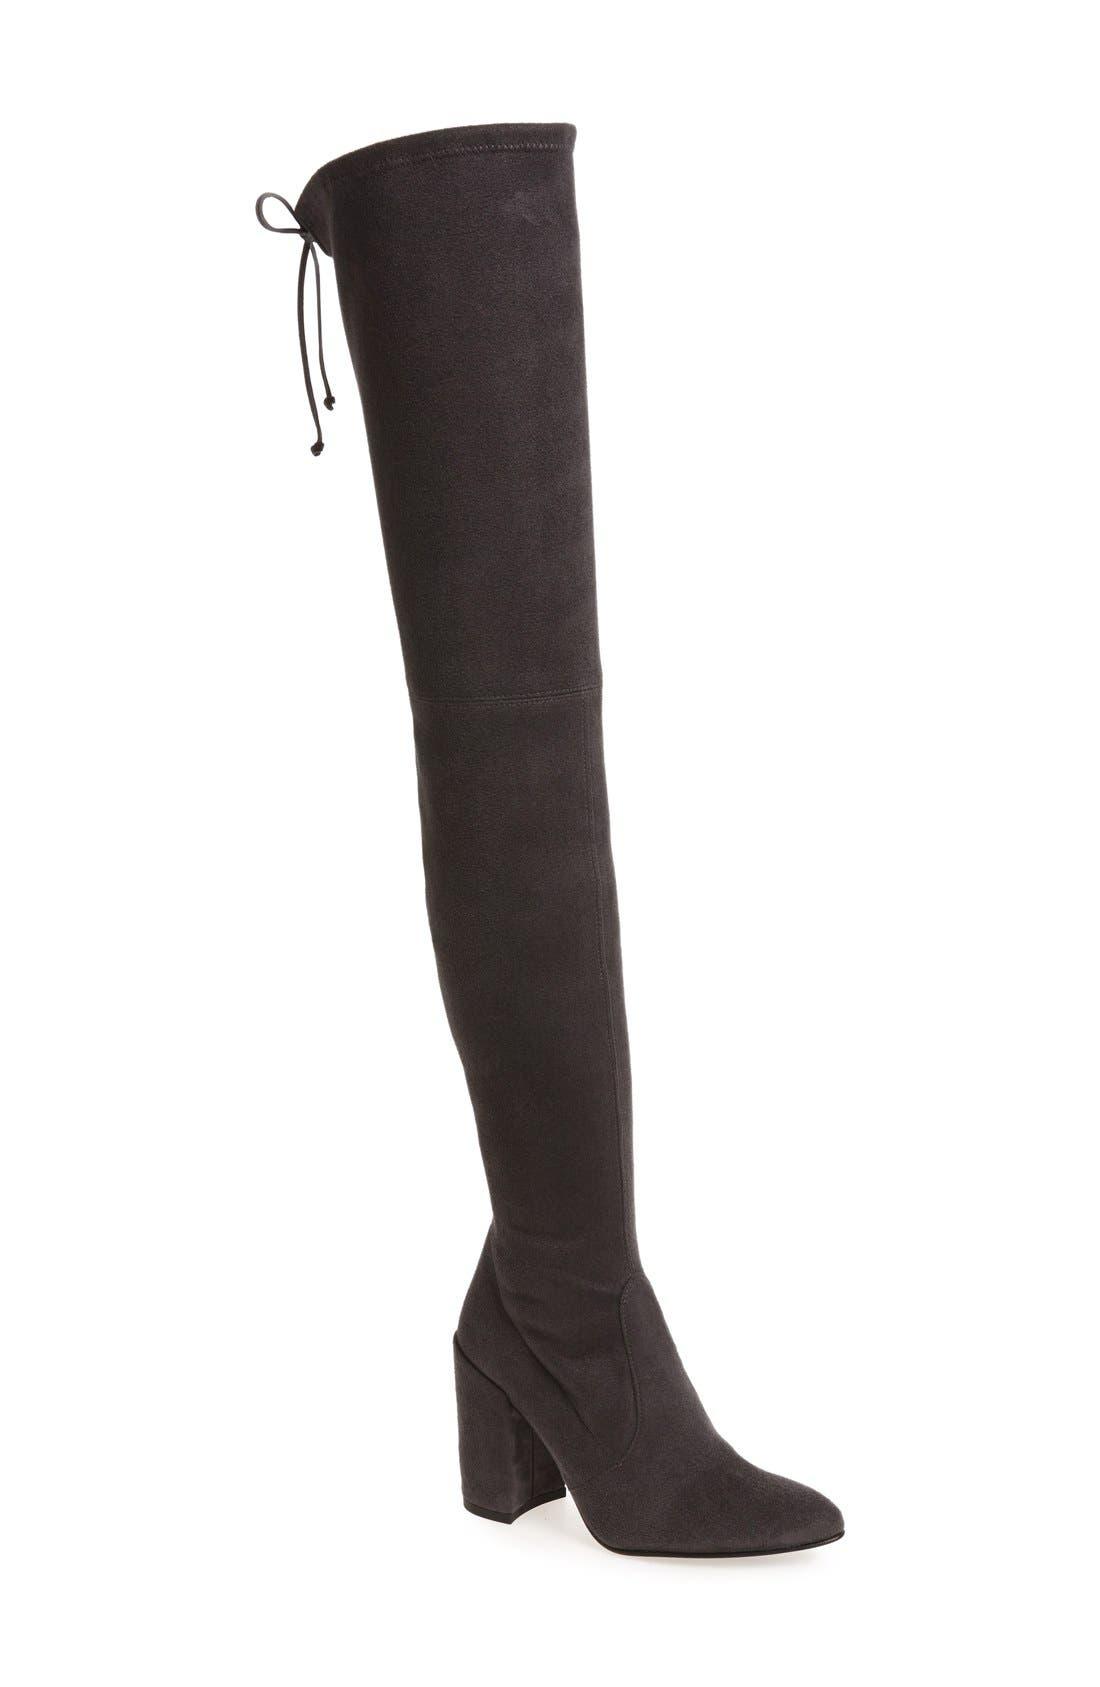 Main Image - Stuart Weitzman 'All Legs' Thigh High Boot (Women)